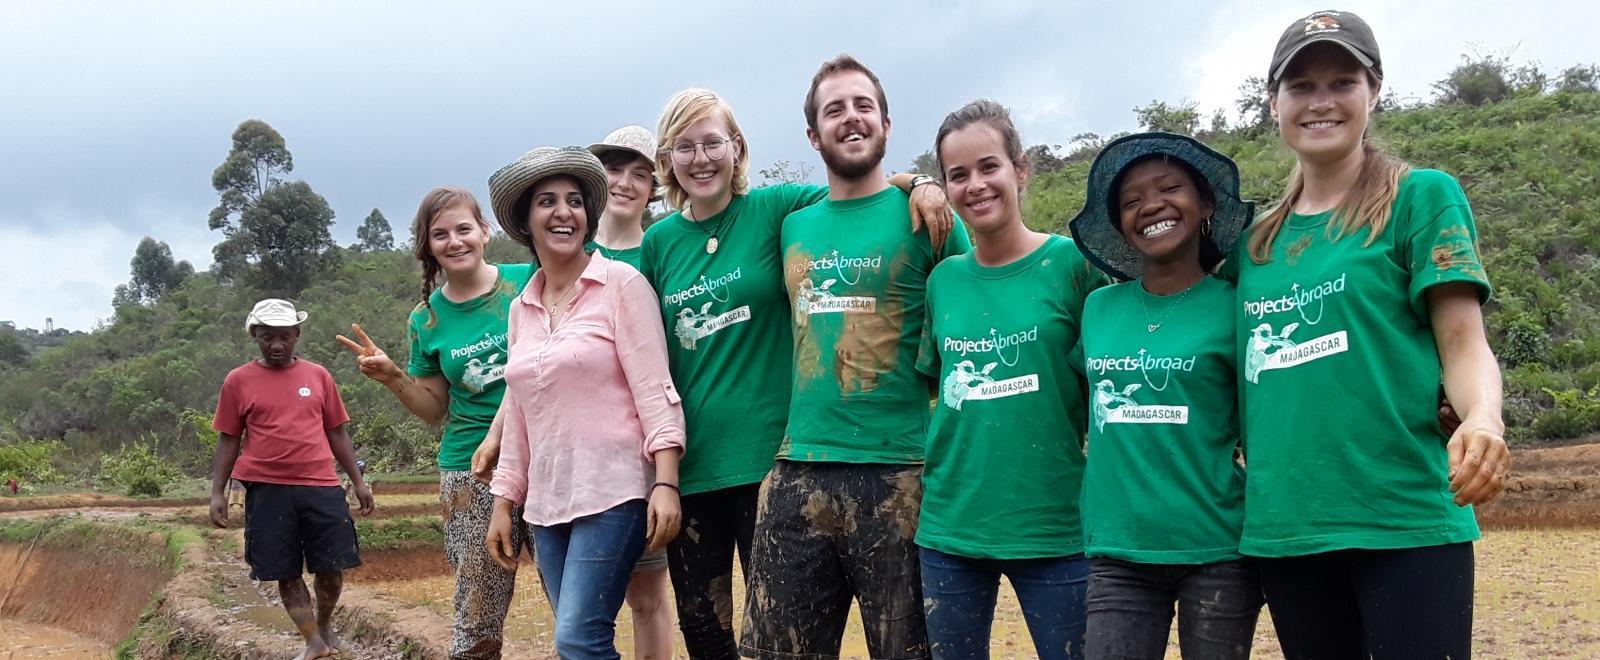 Voluntarios ayudan a plantar arroz durante su viaje grupal.